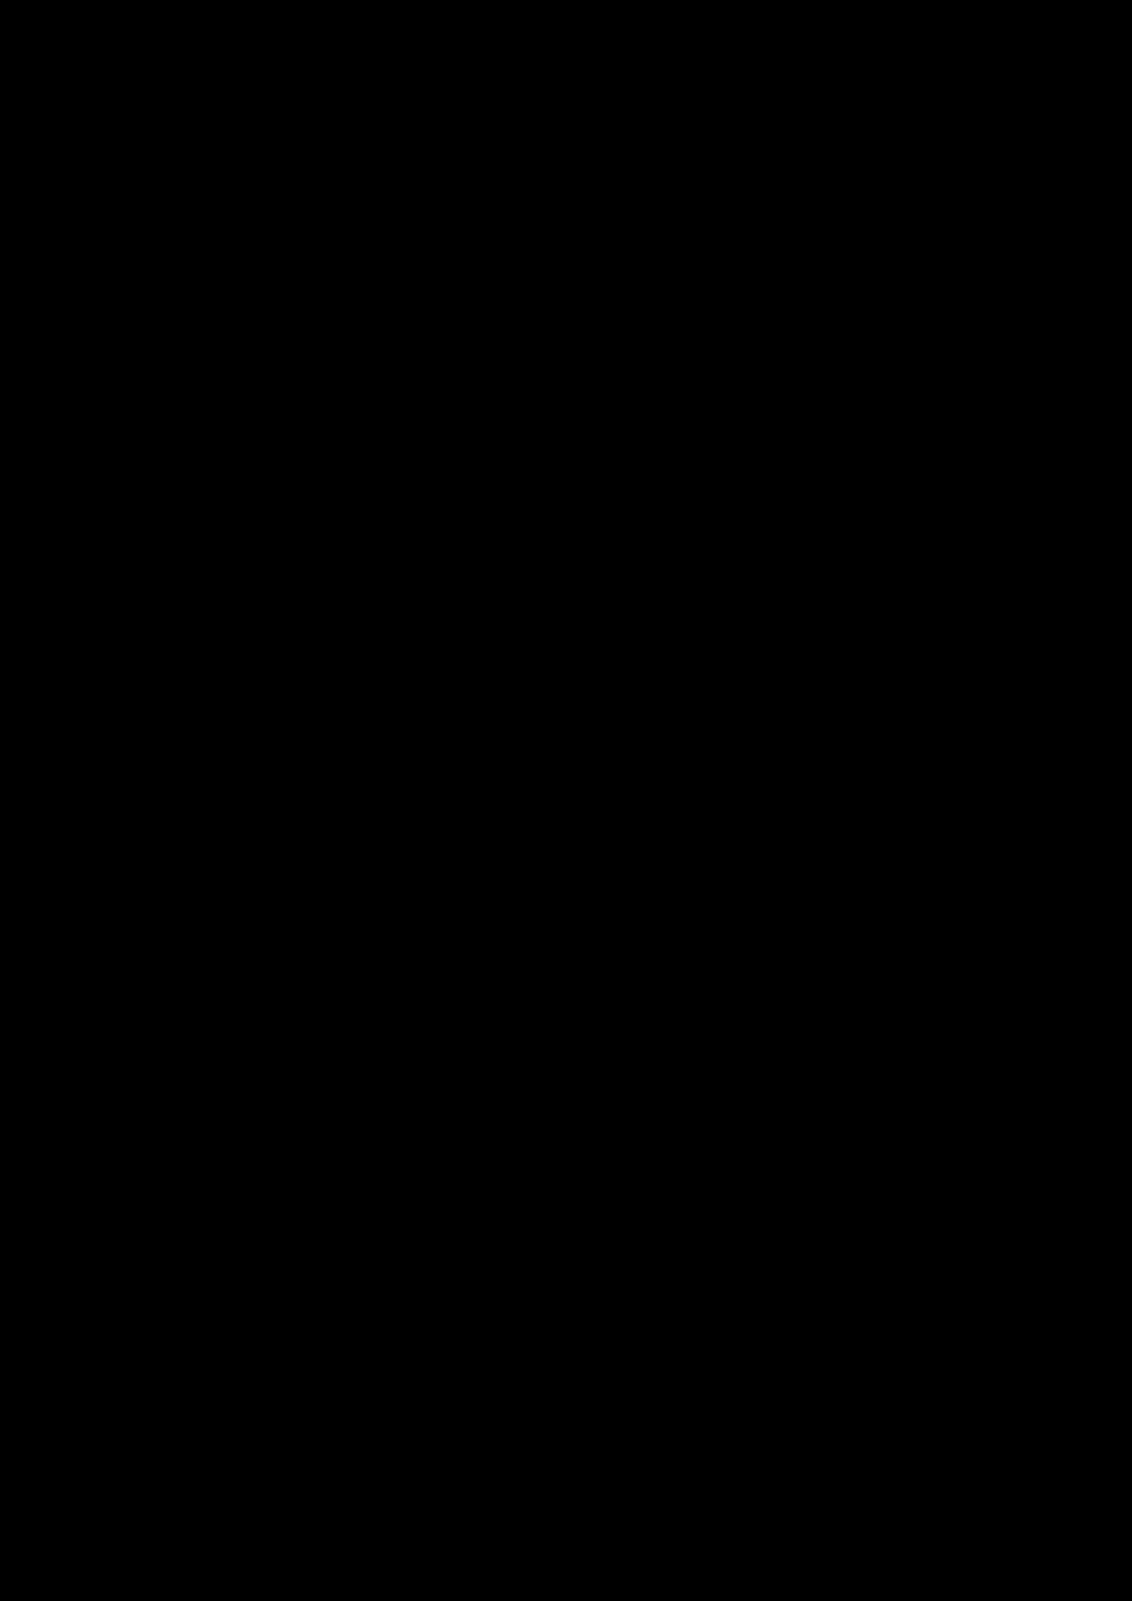 Proschanie s volshebnoy stranoy slide, Image 78